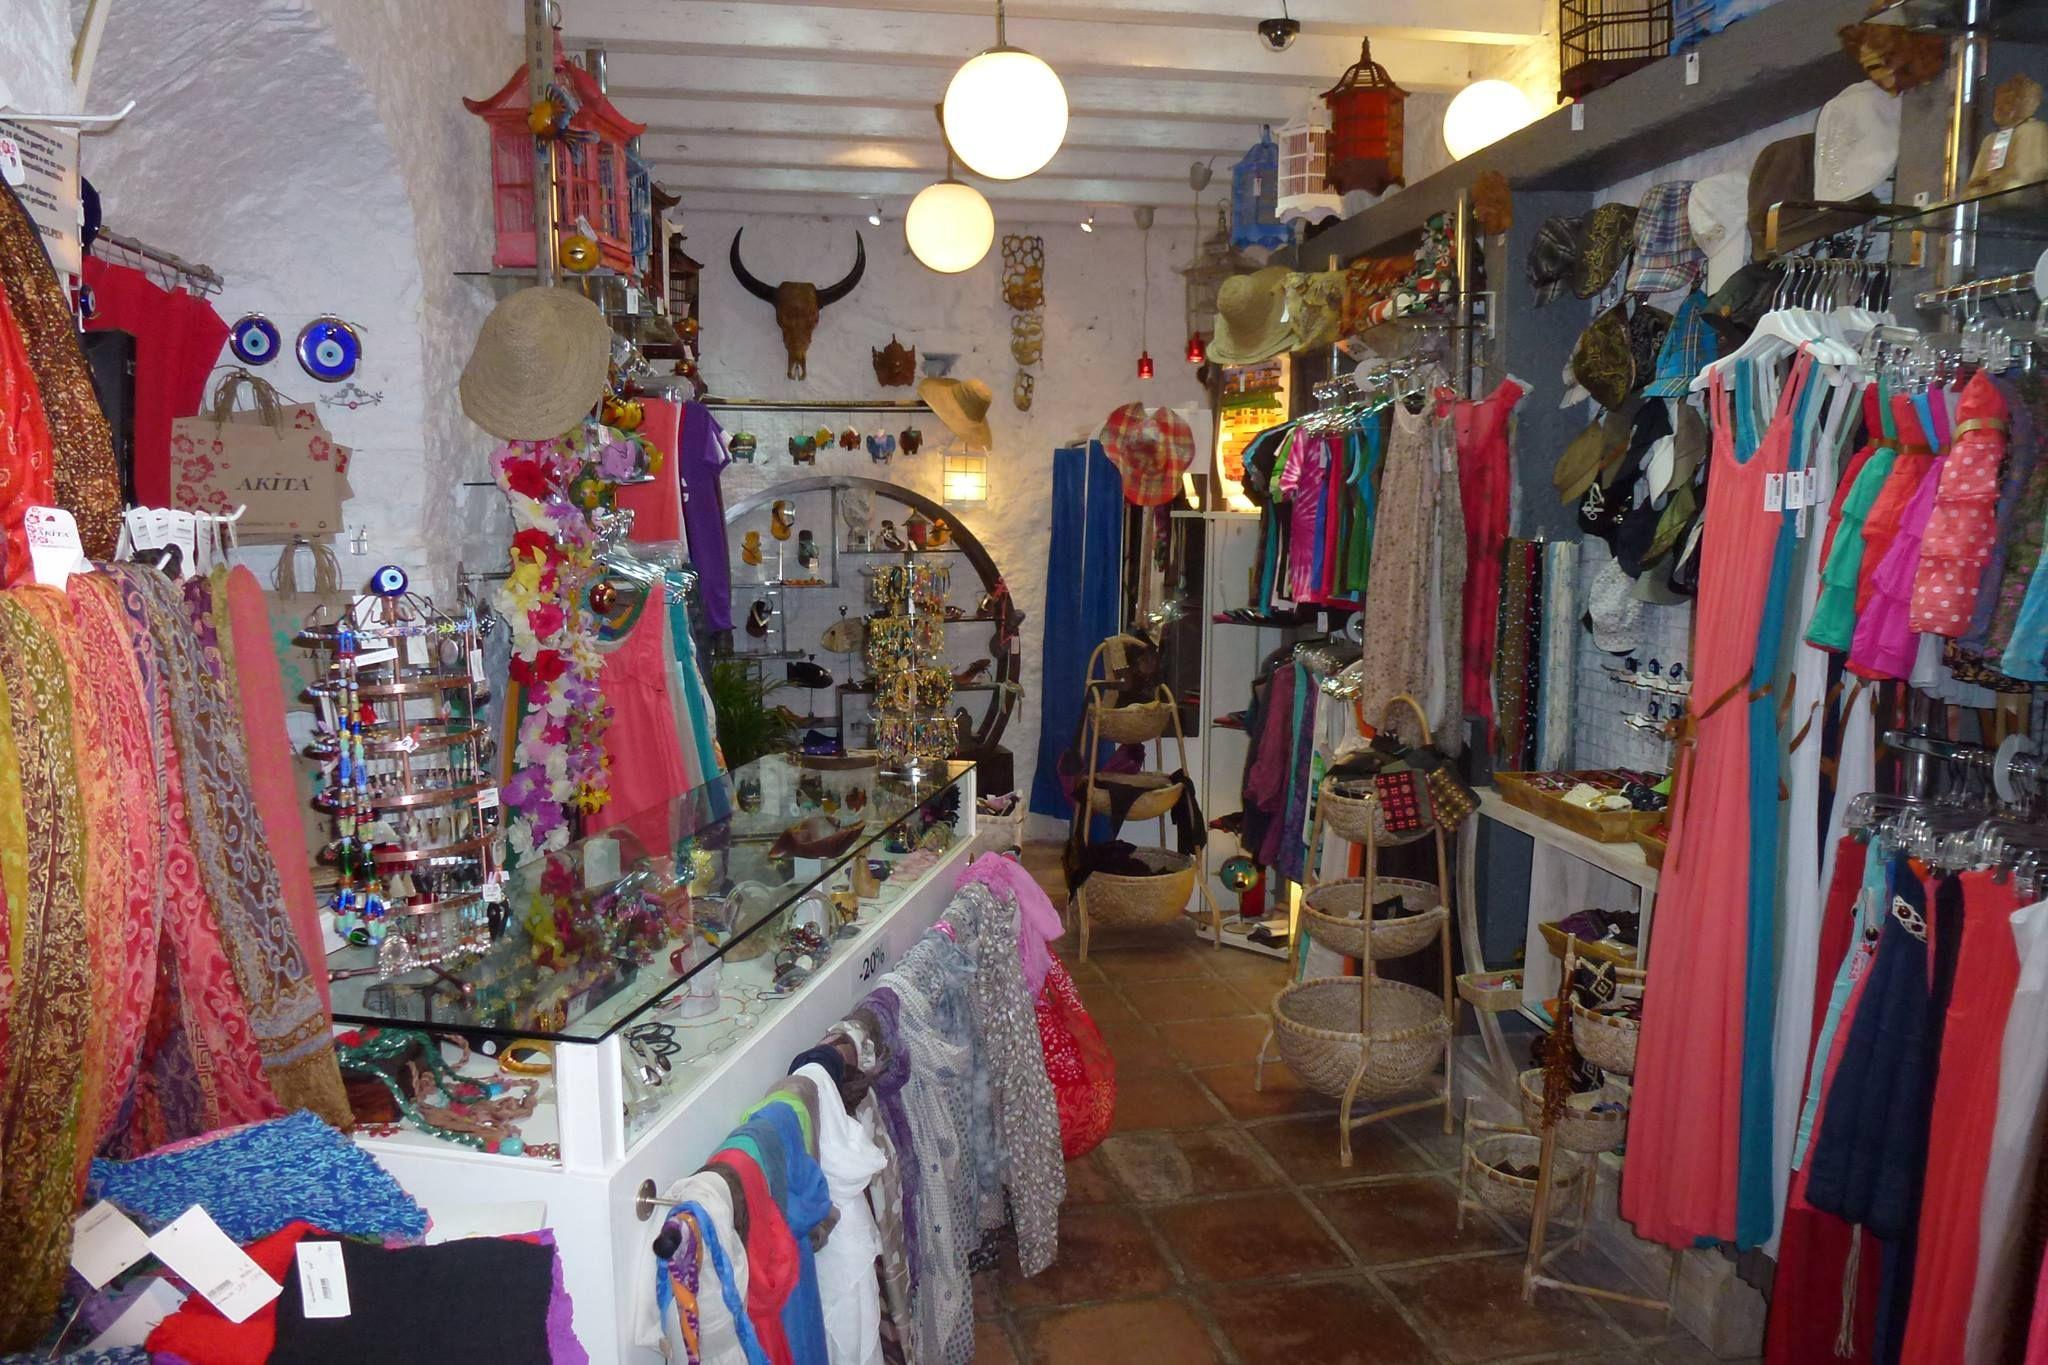 45306a5d8796 decoracion de tienda de ropa de mujer pequeño - Buscar con Google ...